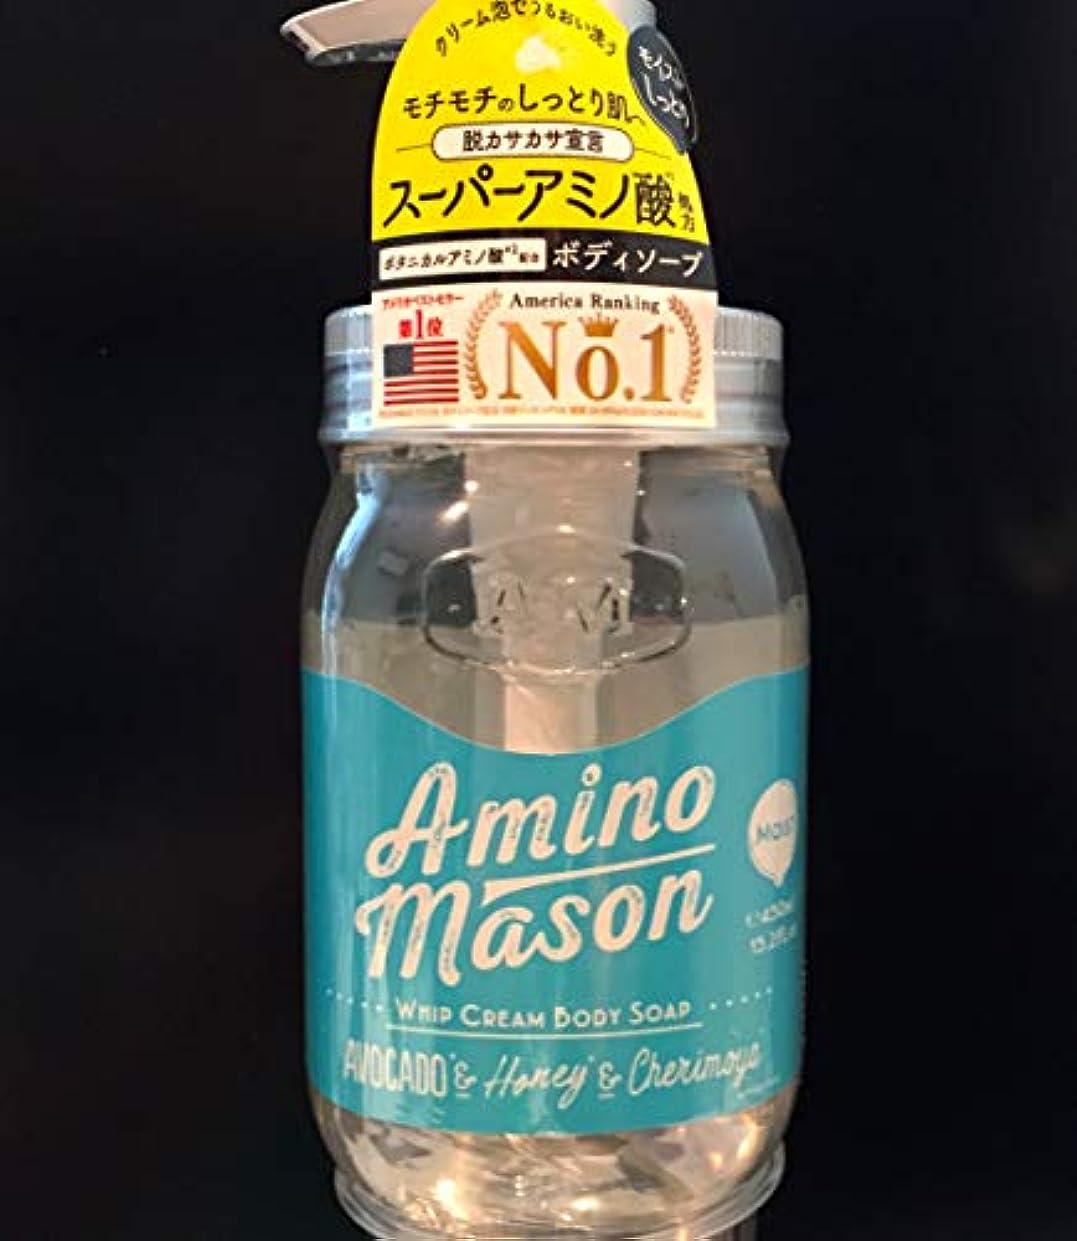 キャンディー上がる冷ややかなアミノメイソン ホイップクリーム ボディソープ モイスト(クラシックローズブーケの香)